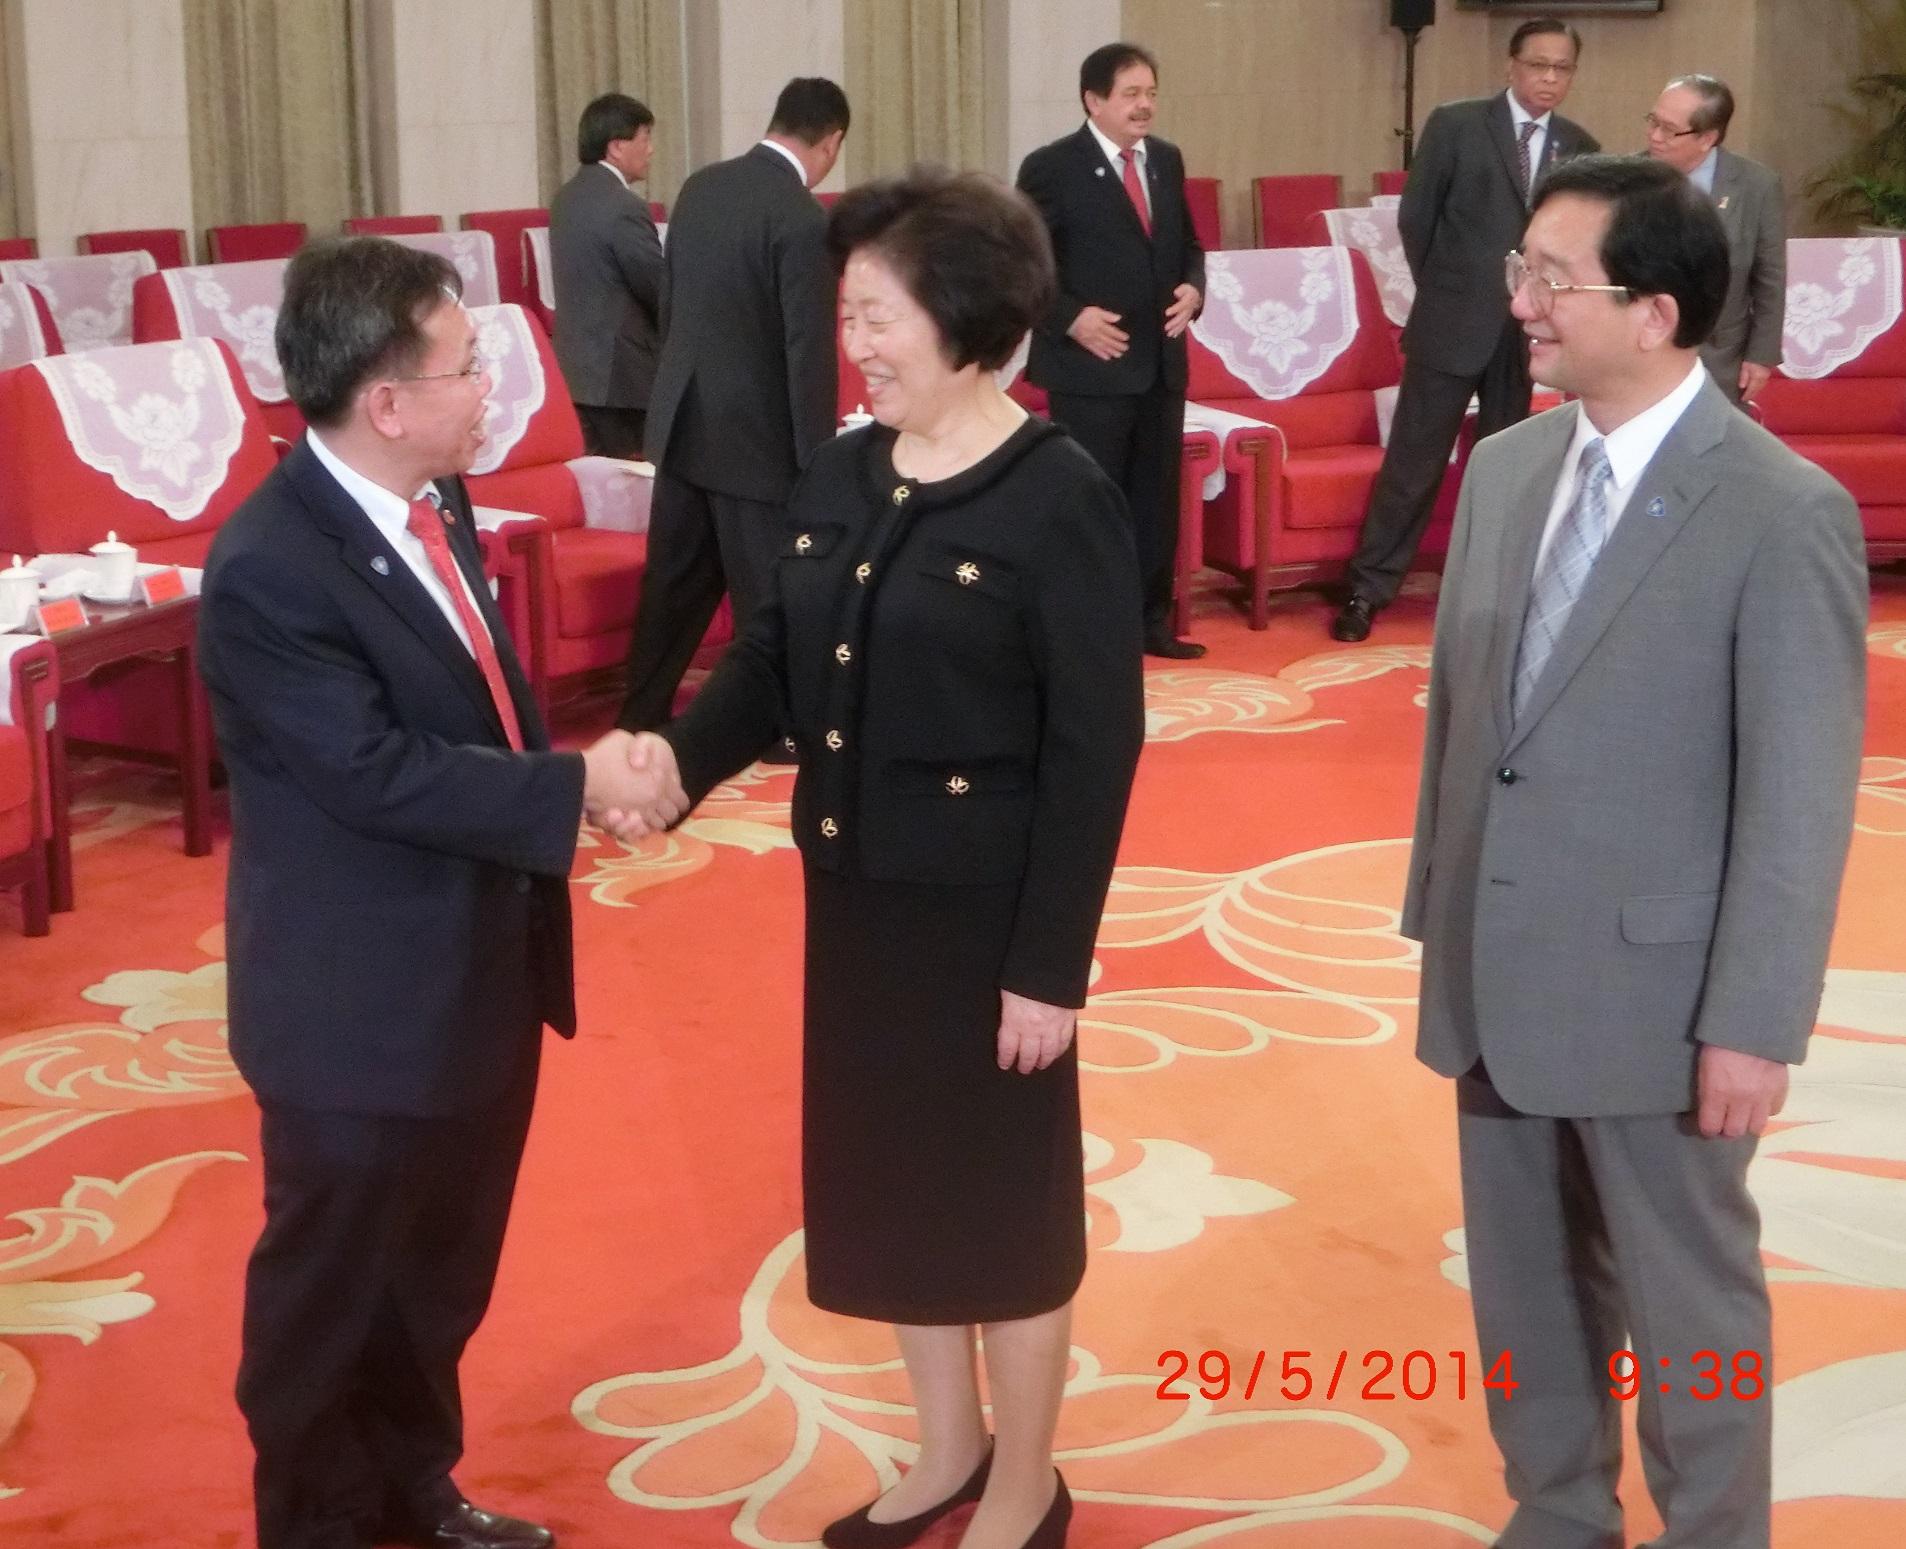 沈桂贤上议员与中国共产党天津市委员会书记孙春兰相见欢。